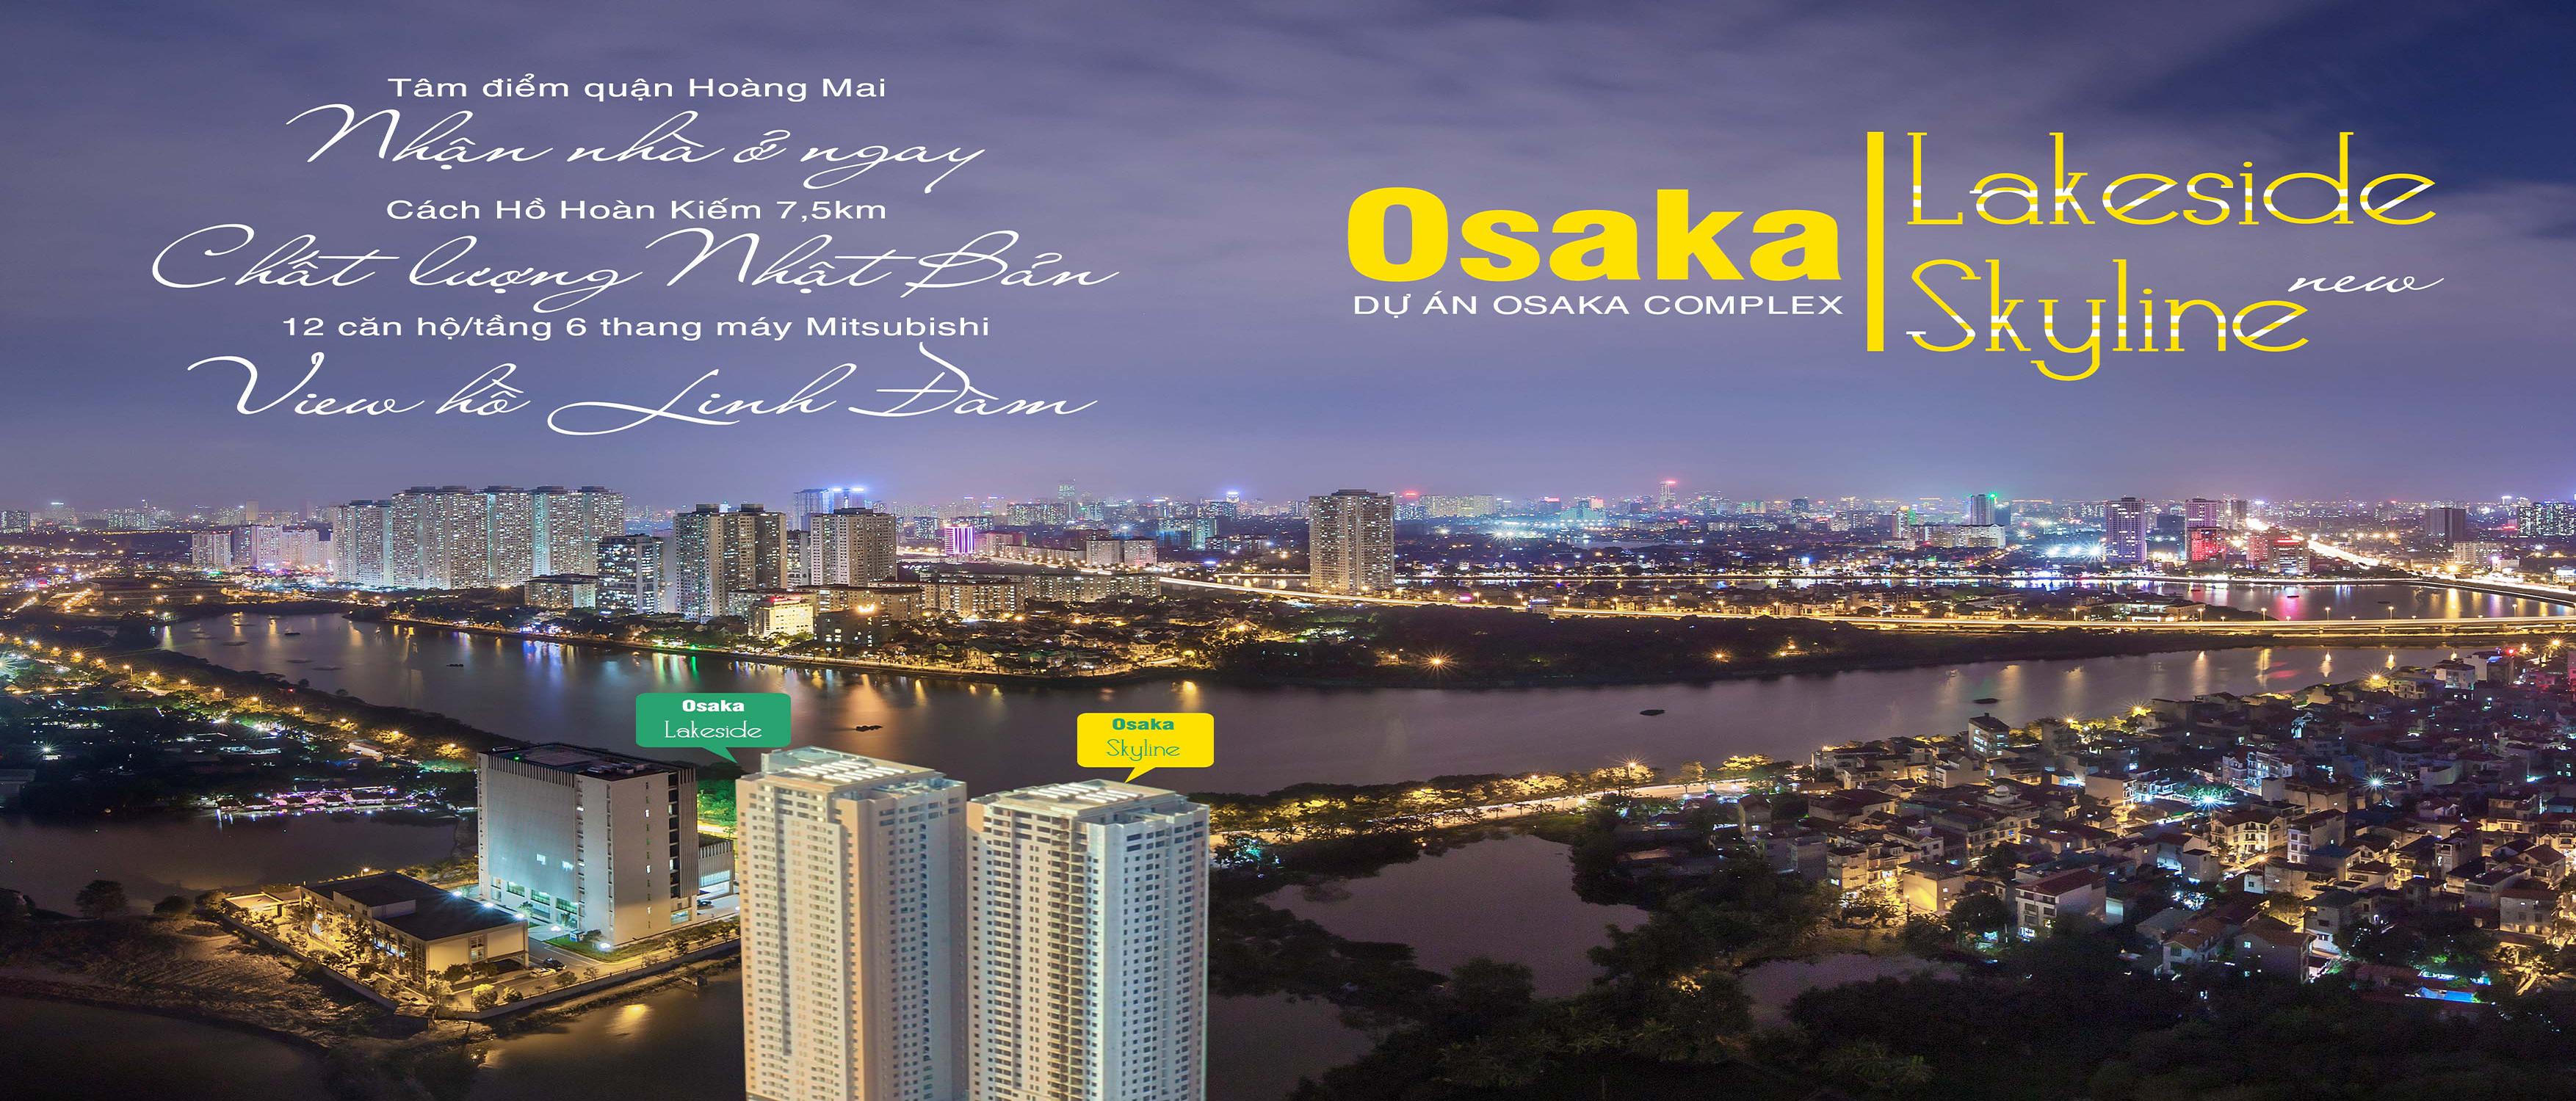 Chung cư Osaka Skyline Hoàng Mai